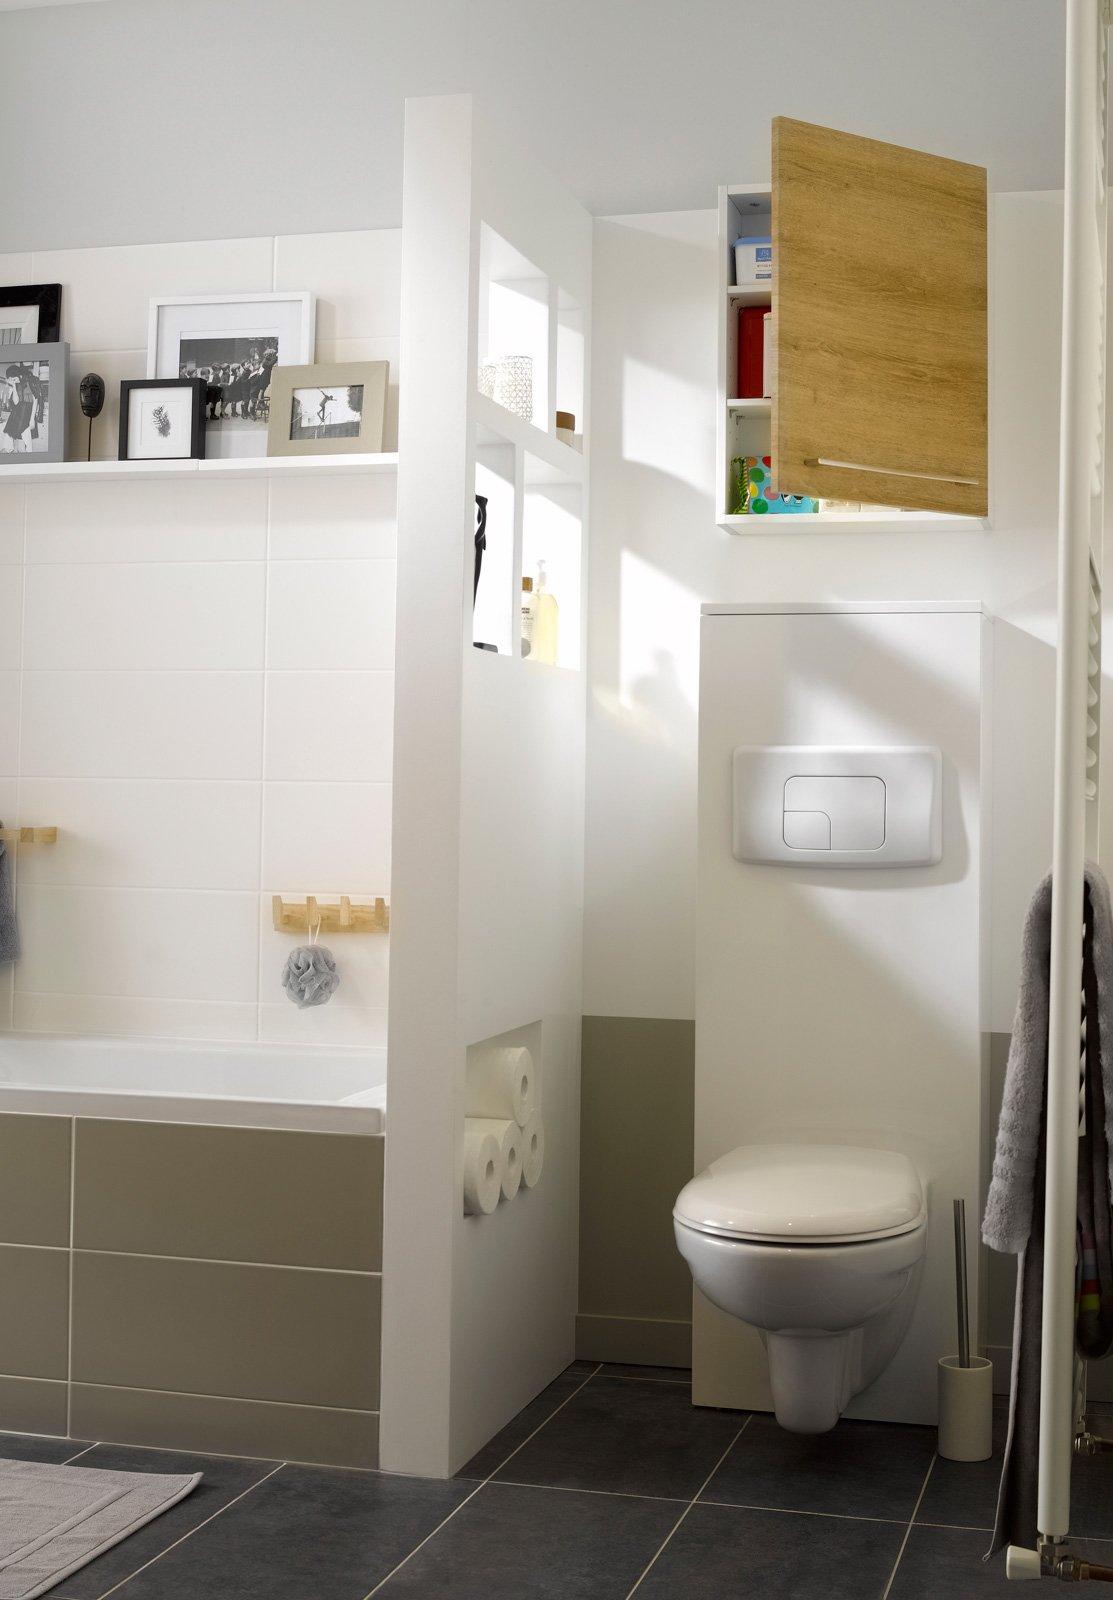 Sanitari sospesi estetica anche in formato ridotto cose di casa - Piastrelle sottili leroy merlin ...